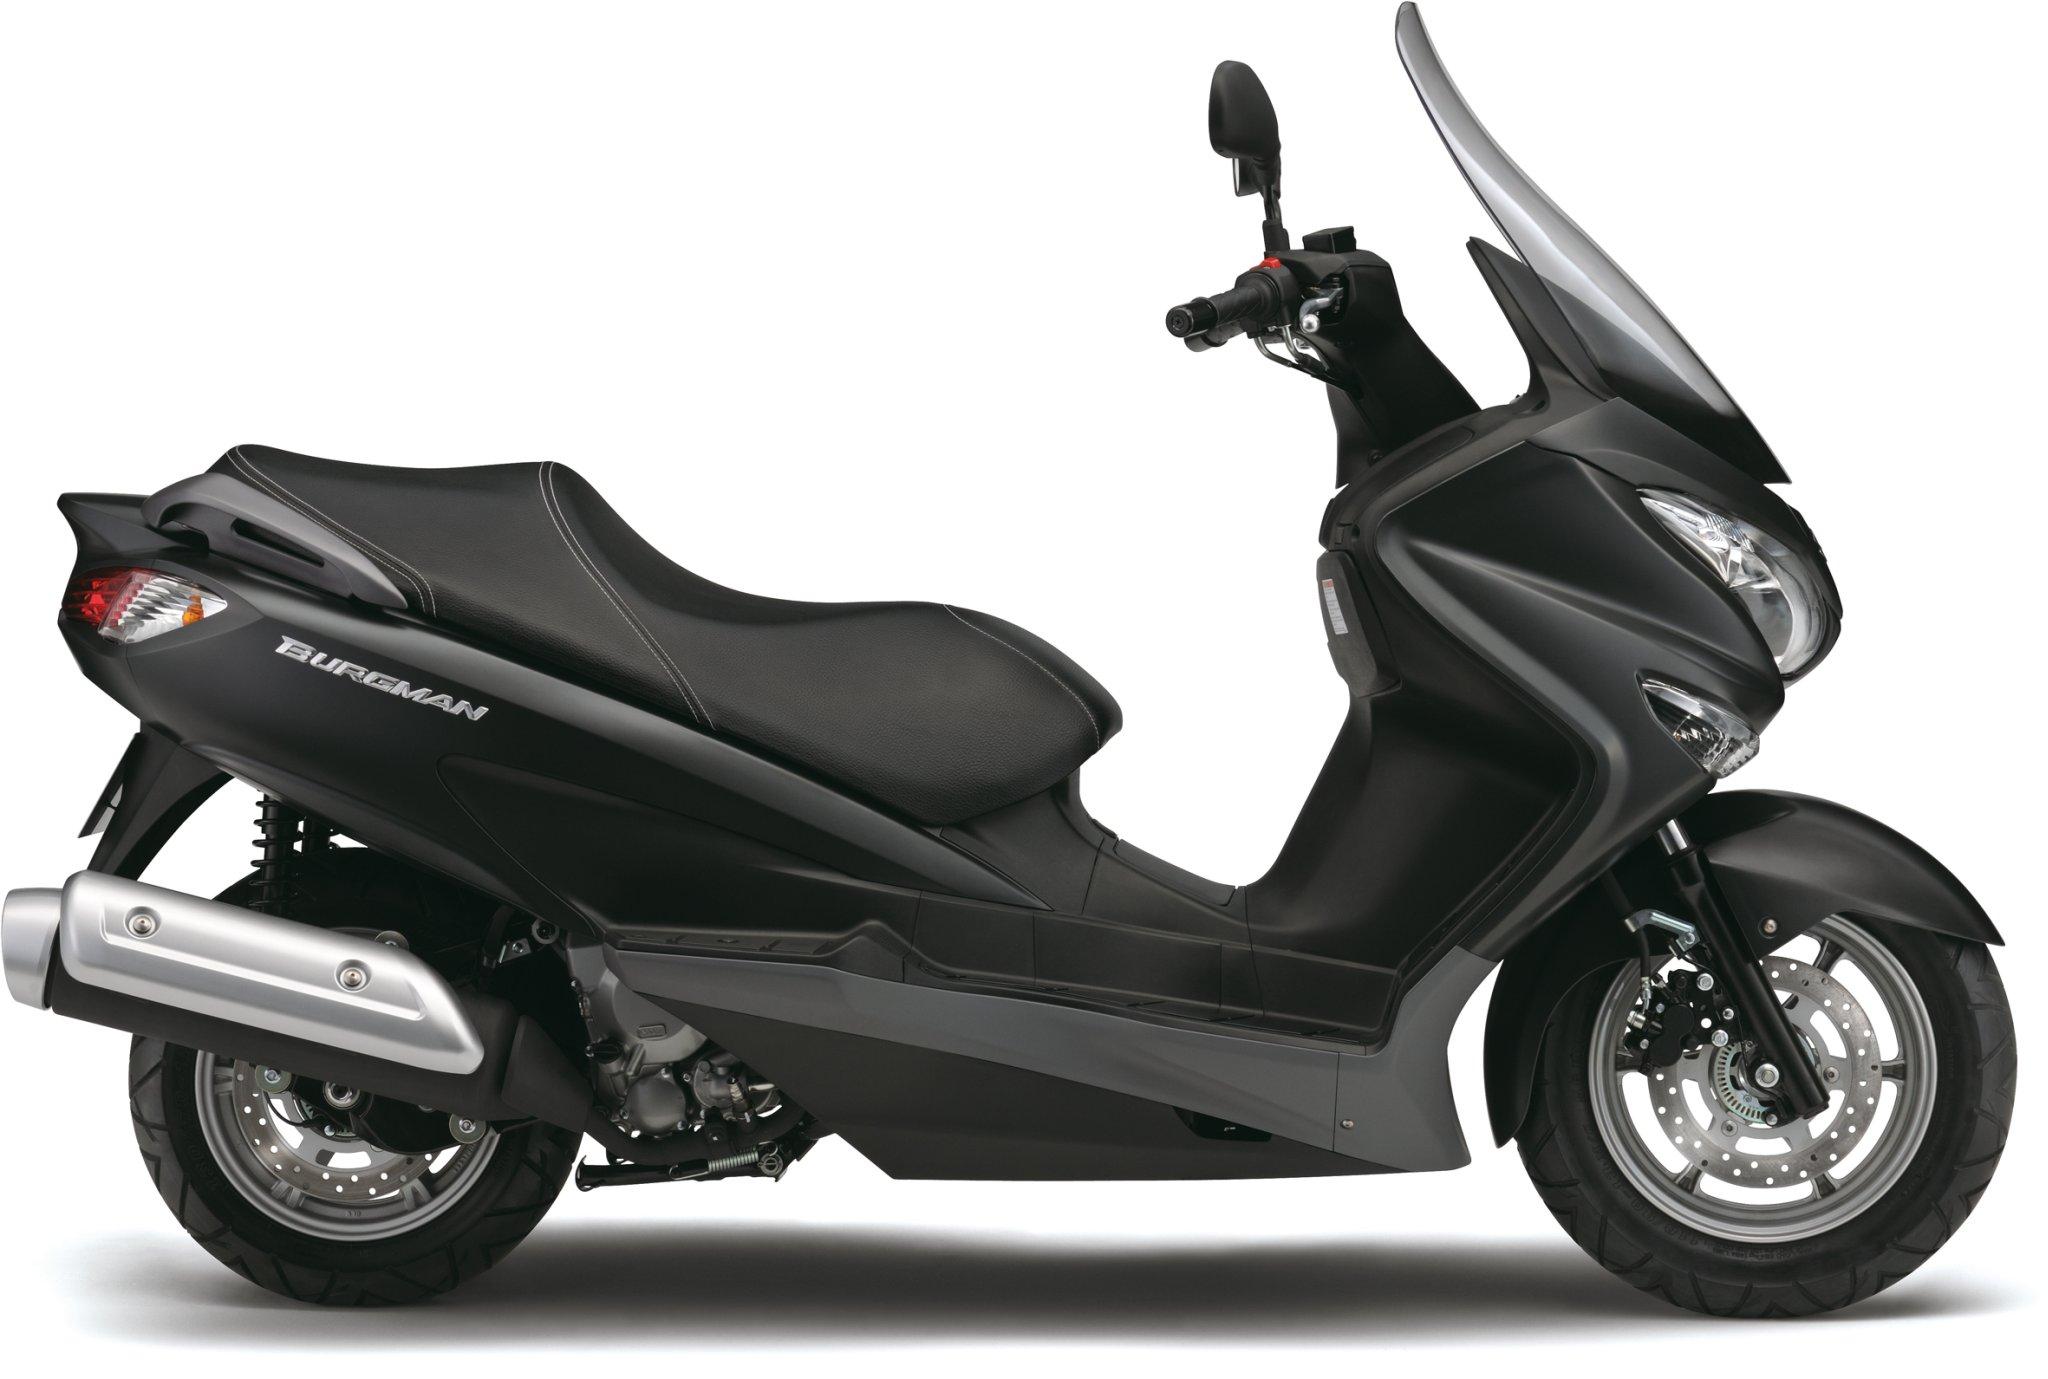 Gebrauchte und neue Suzuki Burgman 125 Motorräder kaufen | 2048 x 1379 jpeg 291kB